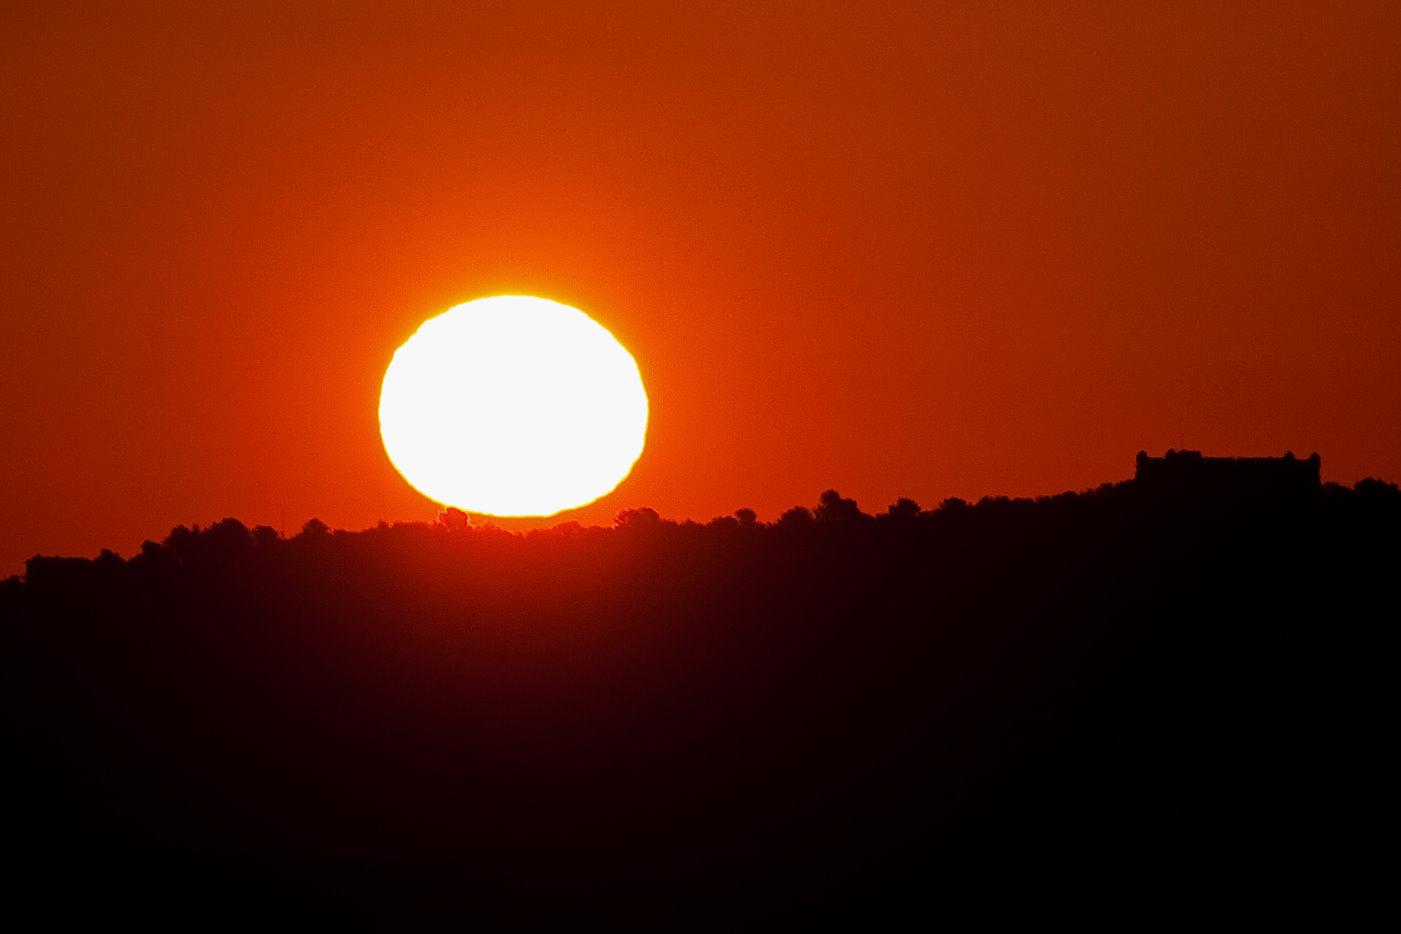 Soleil-2_22032019red.jpg